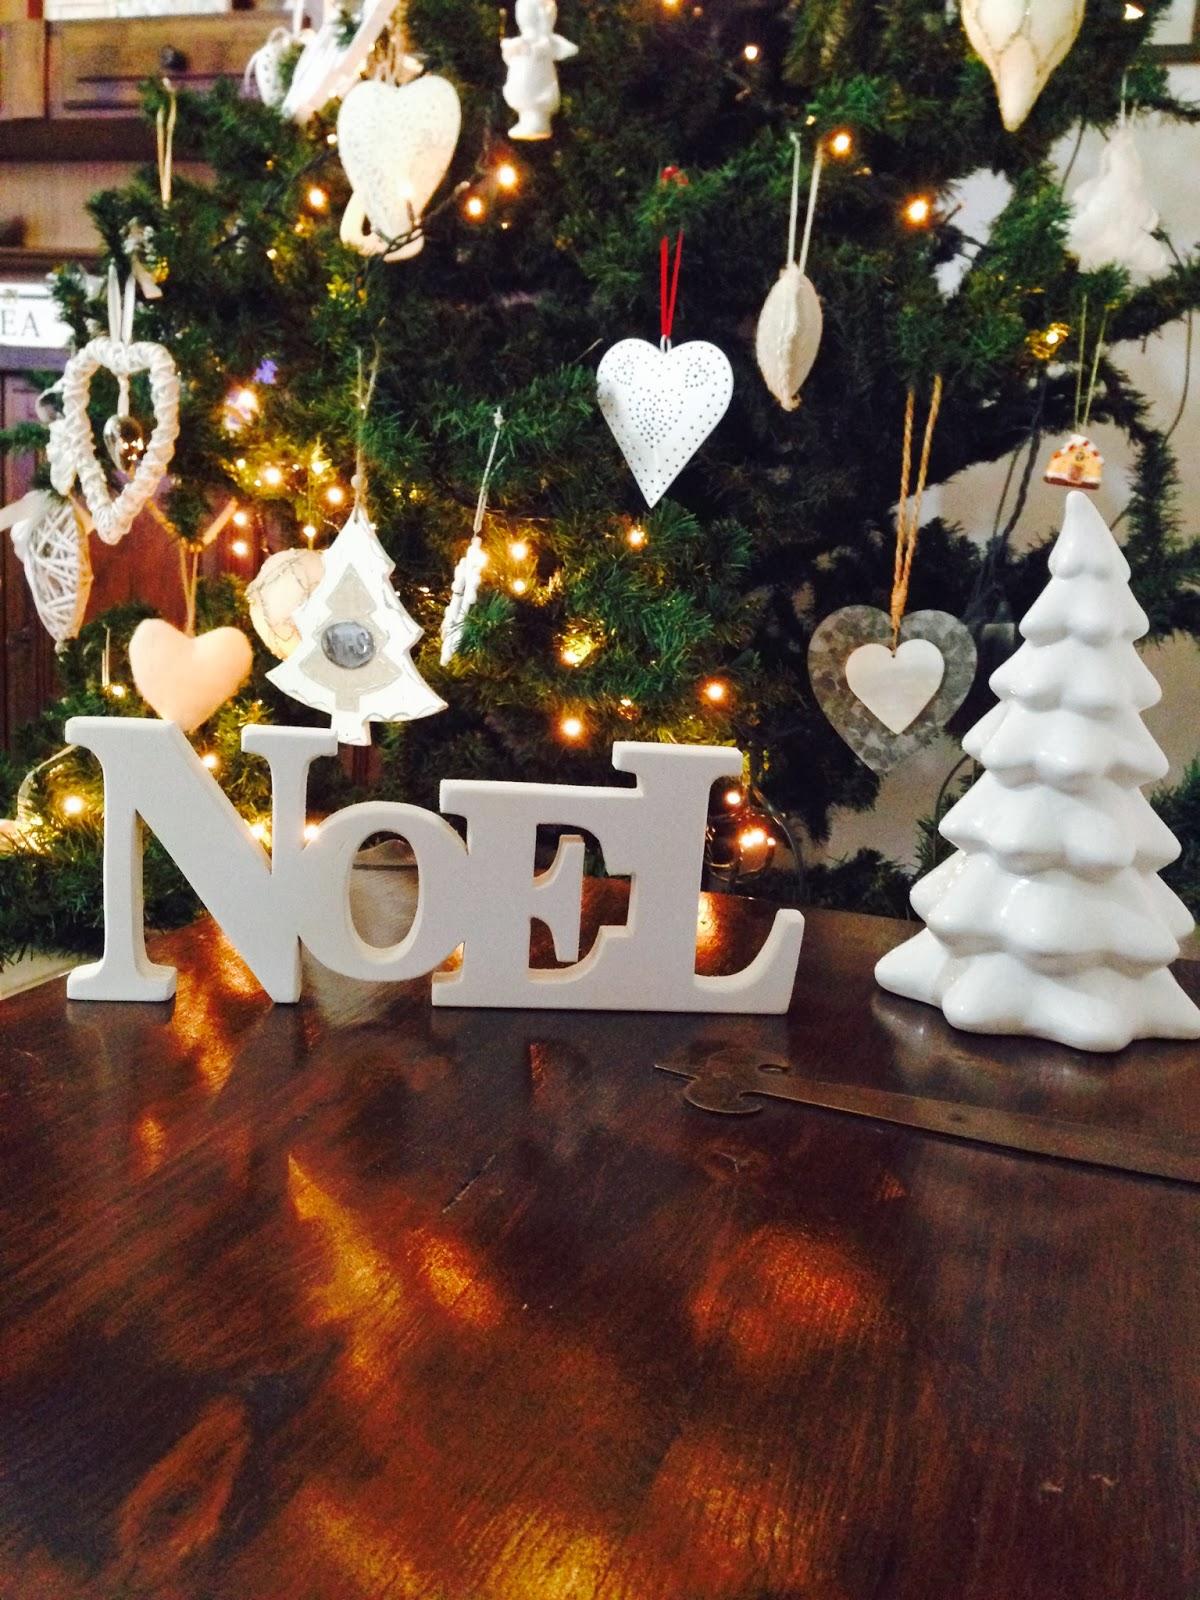 Navidad desde italia acot o dec blog de decoraci n - Blog decoracion navidad ...